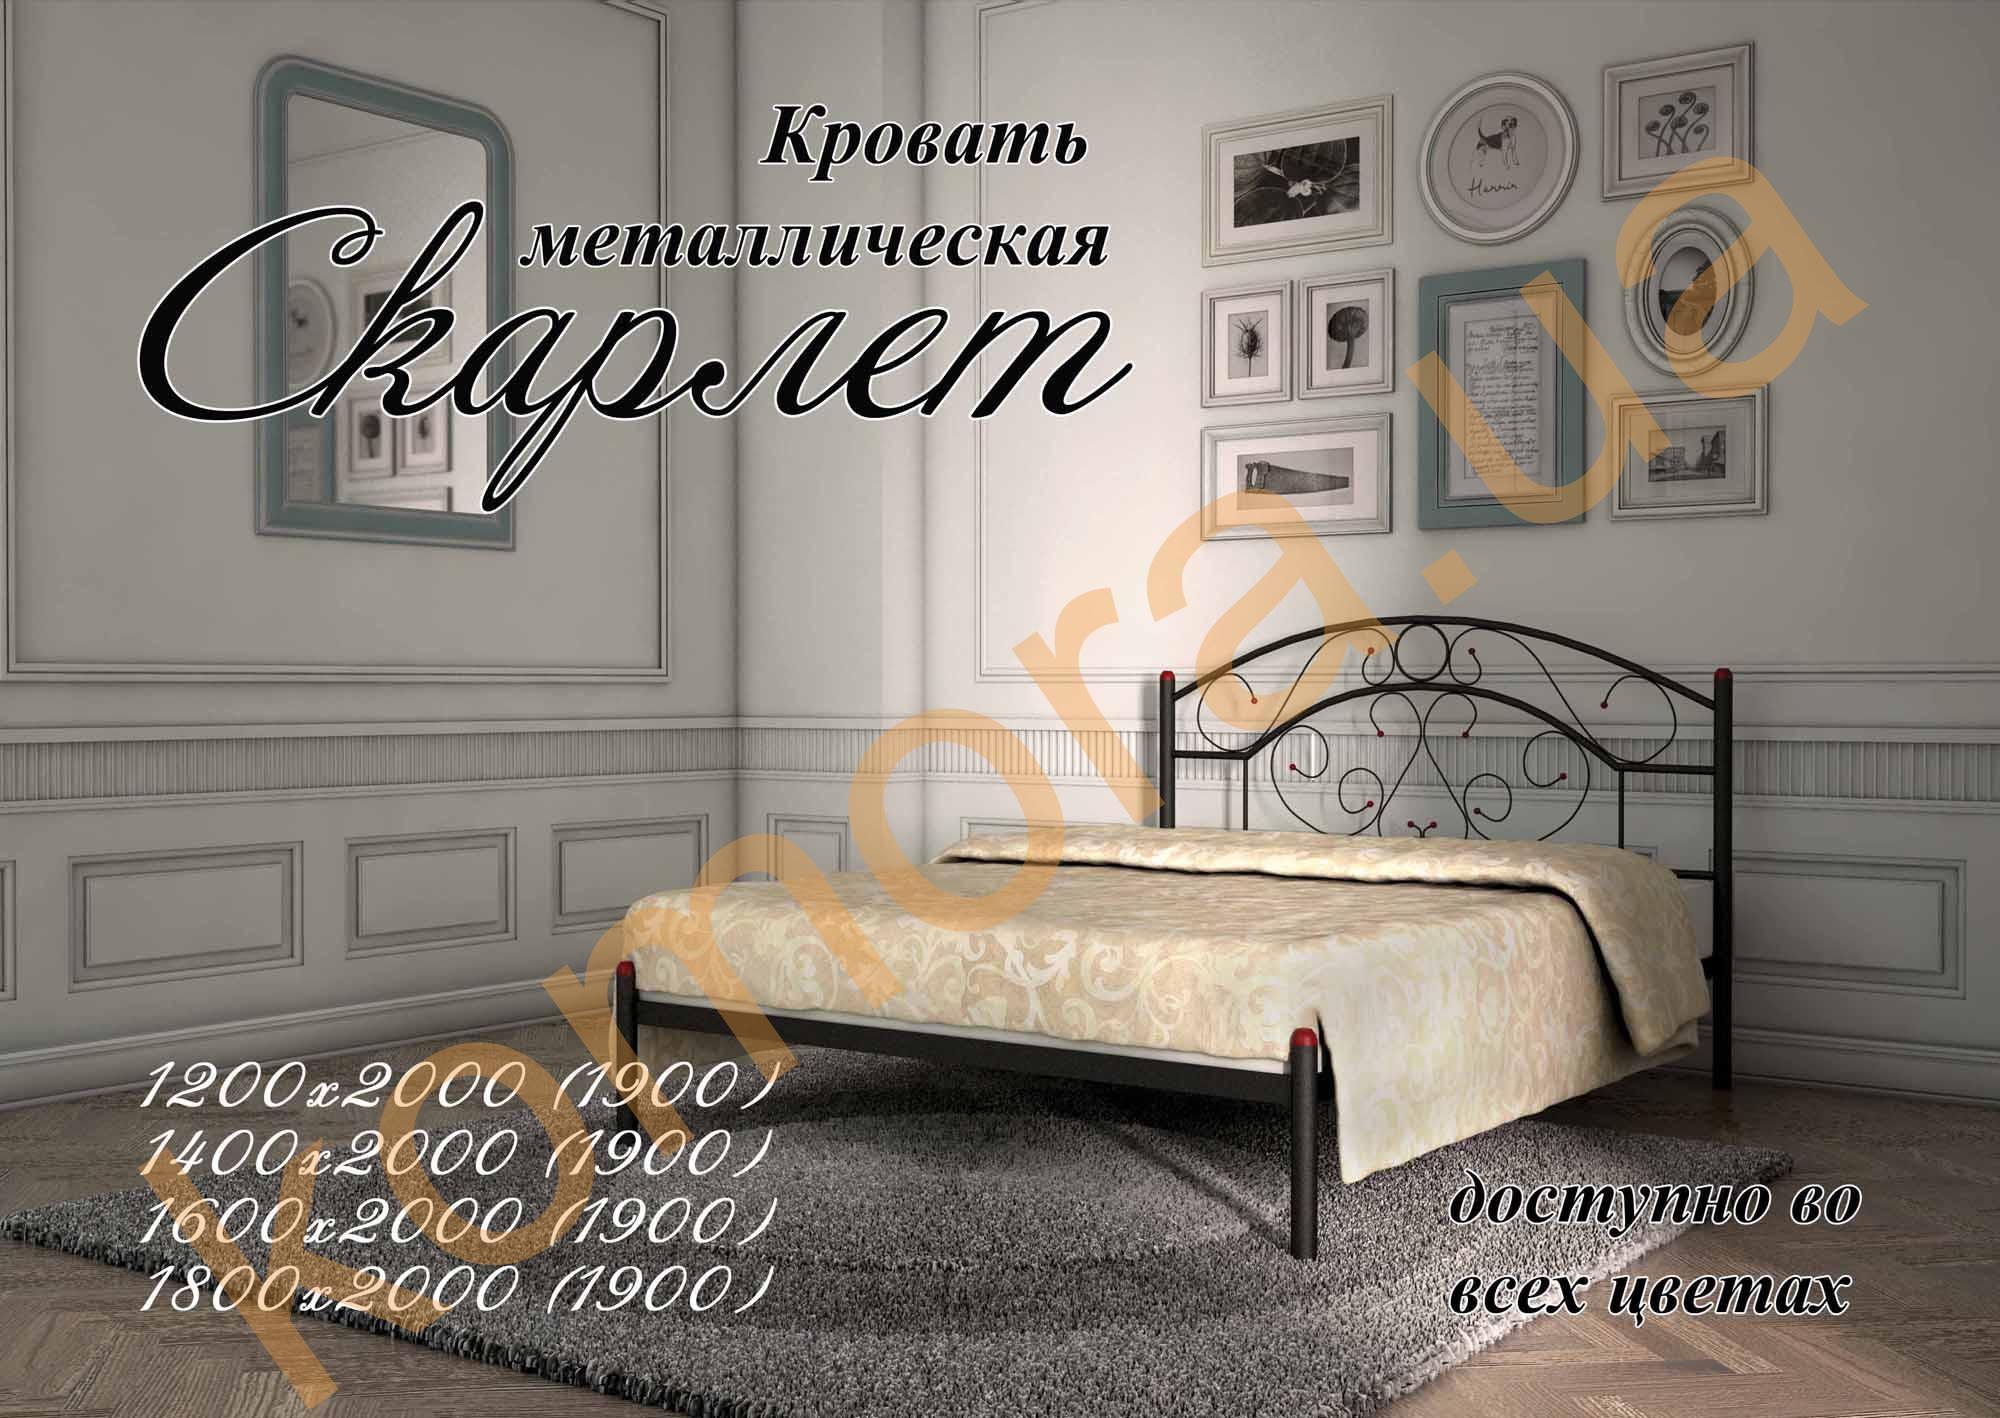 кровать скарлет металл дизайн купить двуспальные кровати киев